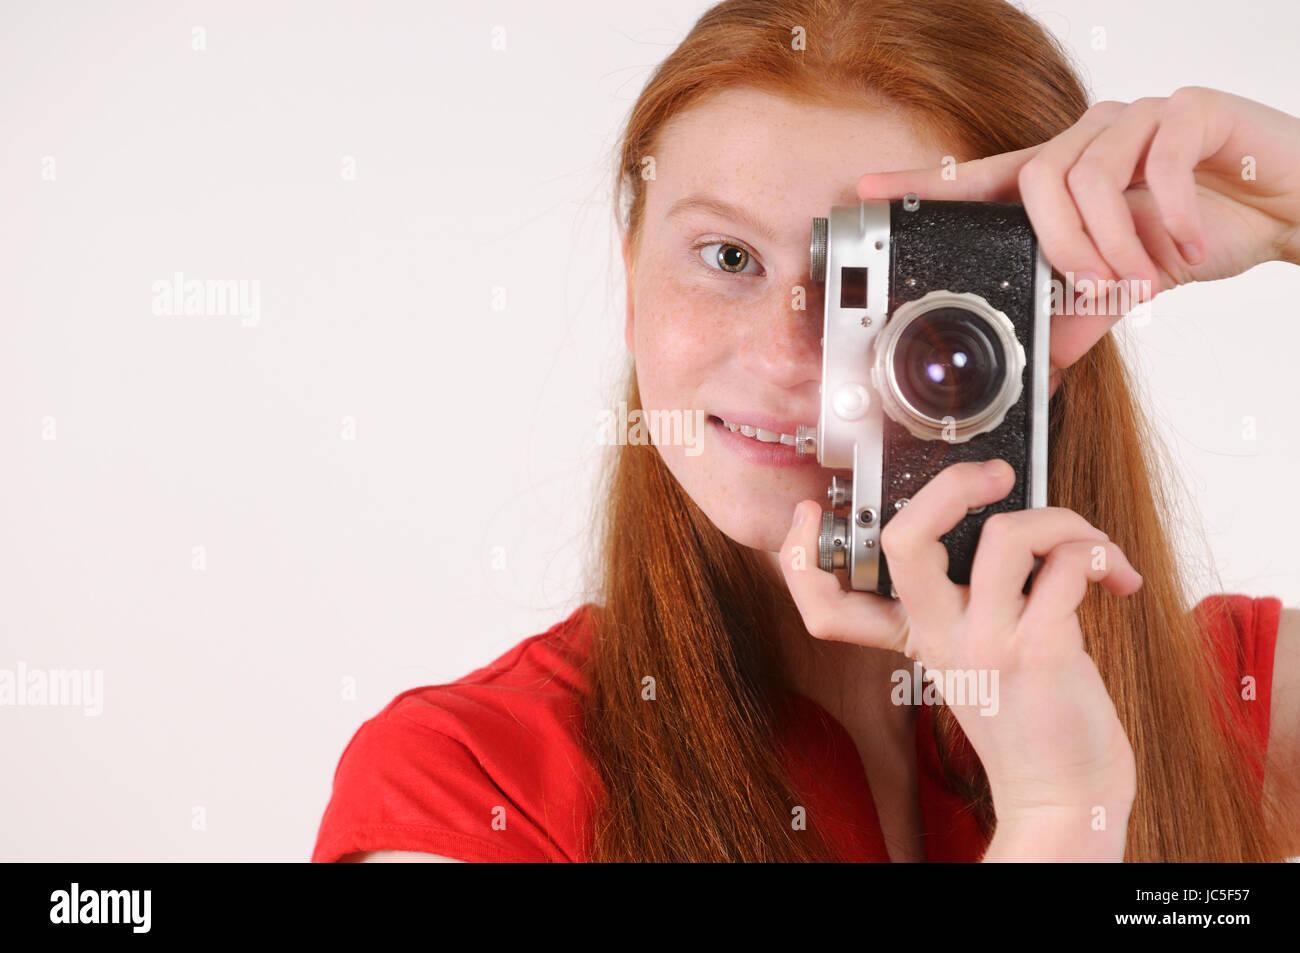 Show of Webcam Me